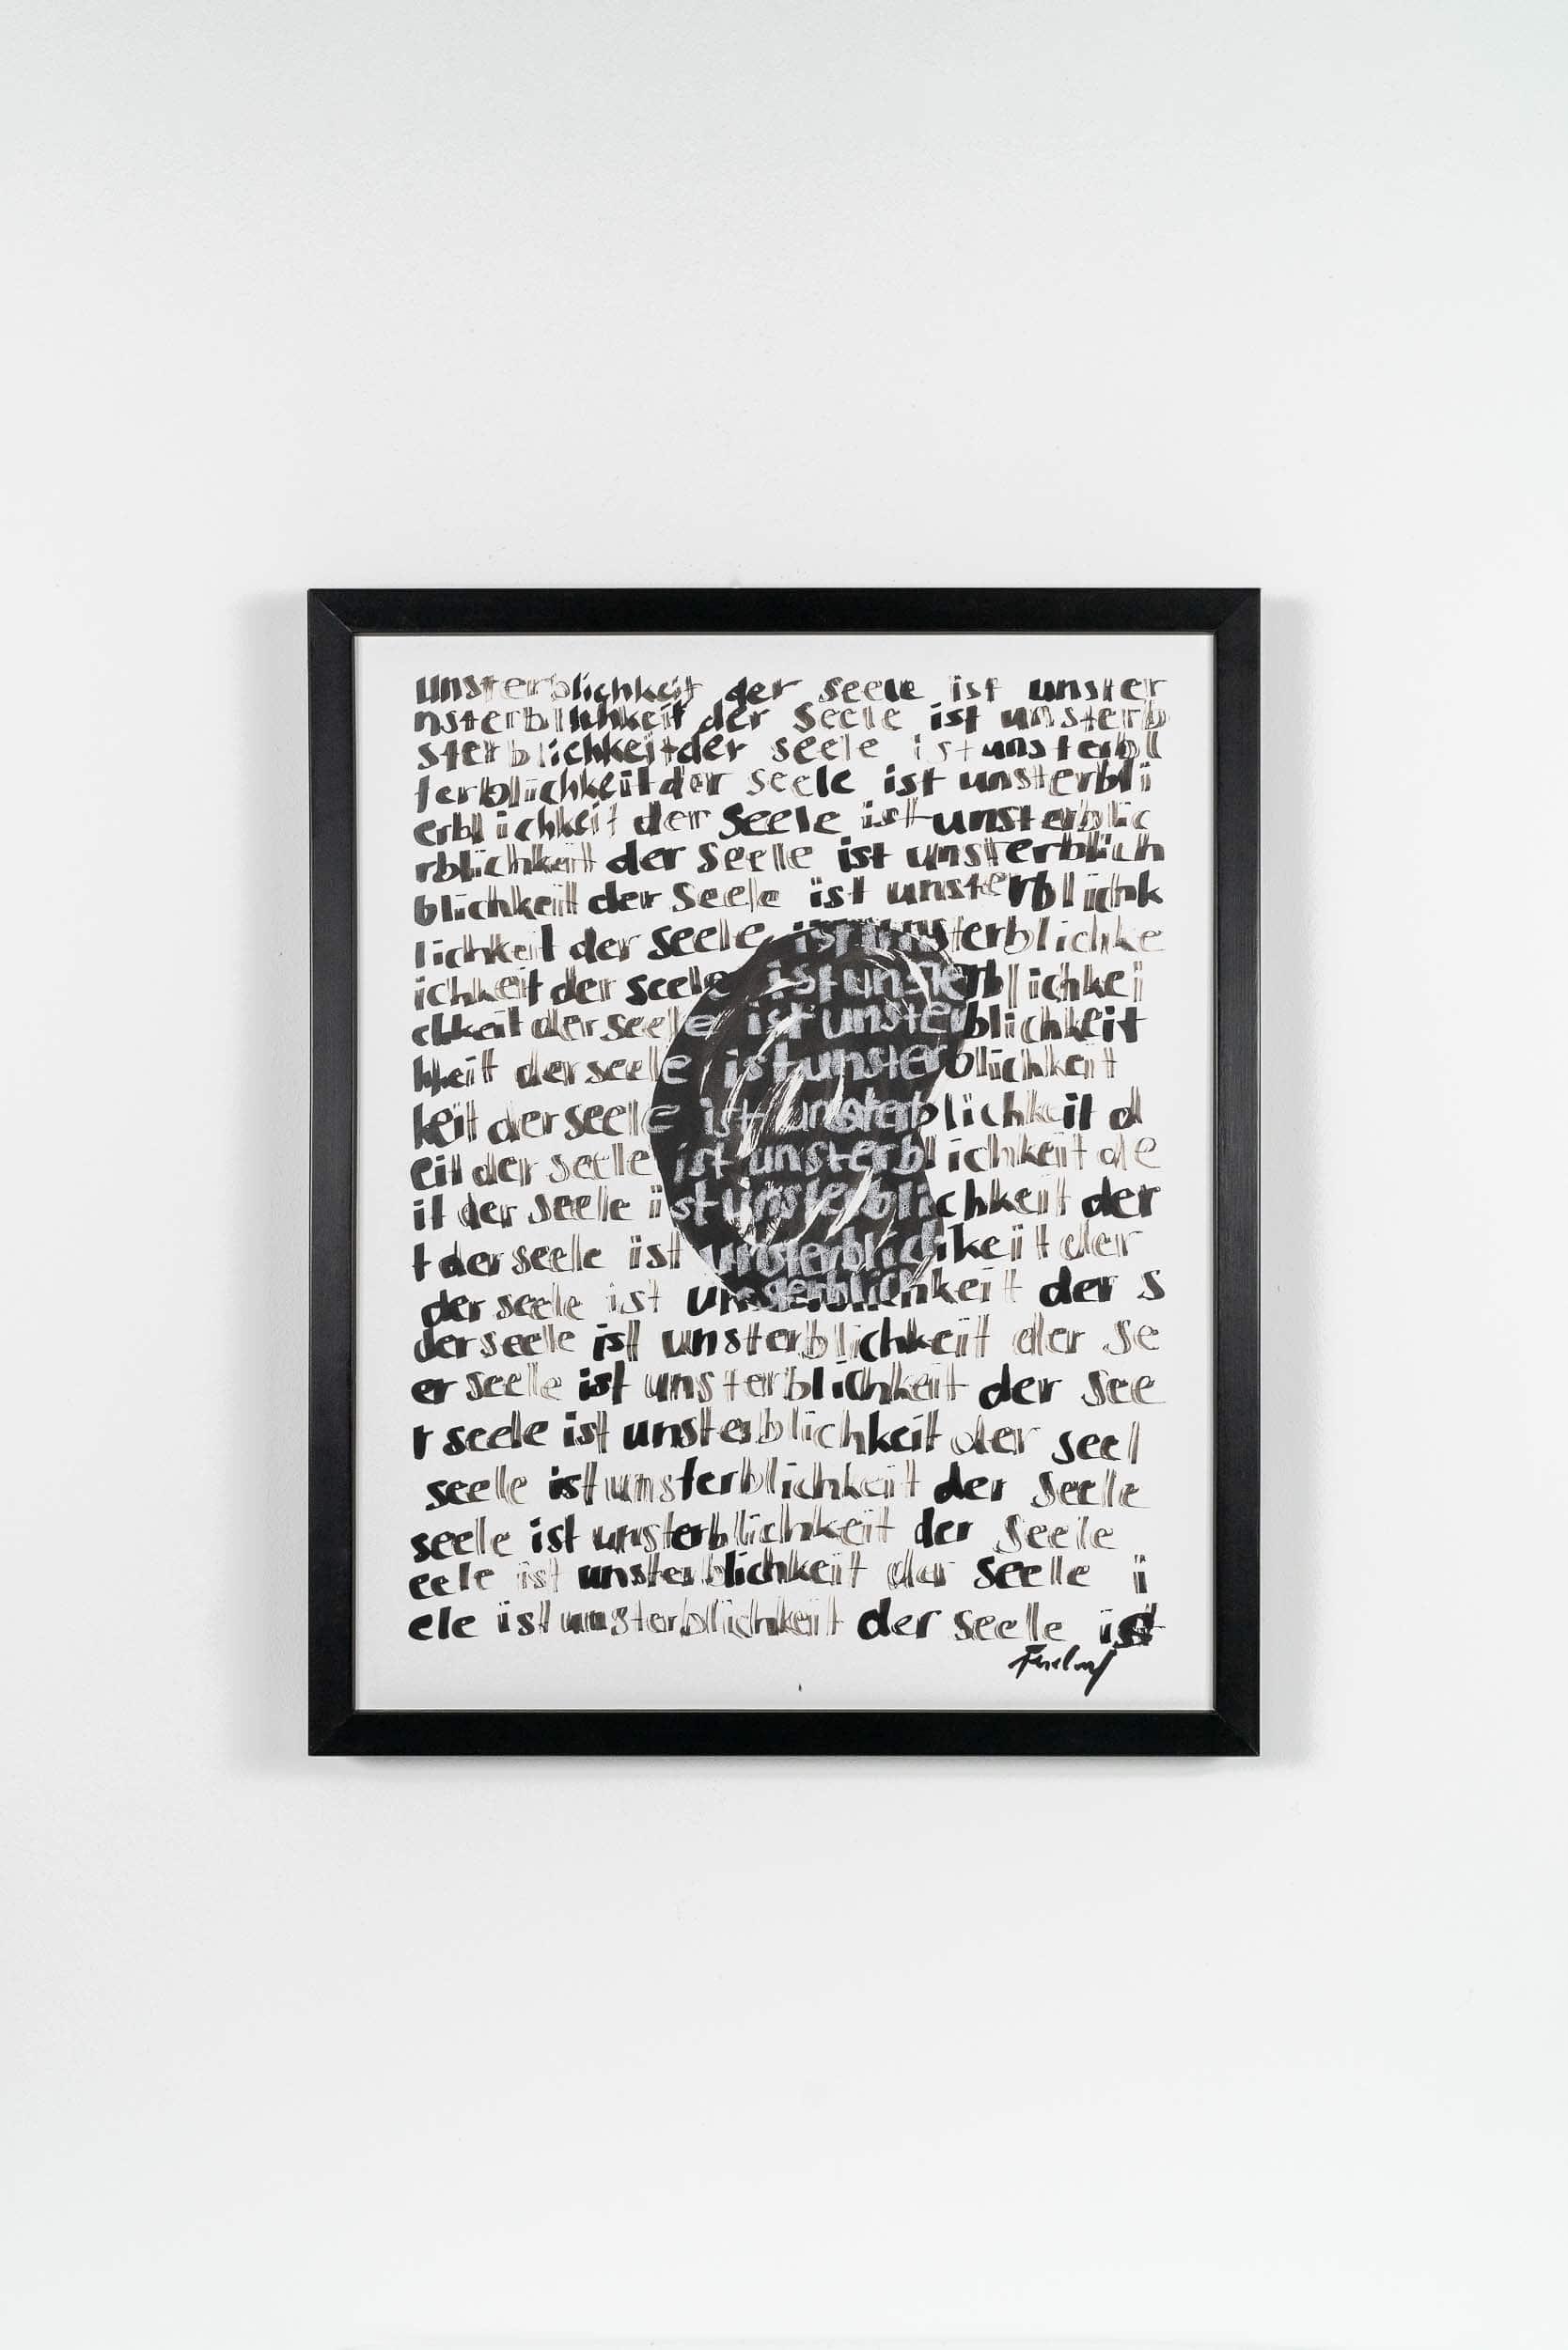 SiL05 Unsterblichkeit 40 × 50 cm Tusche / Papier / Text 2013 2 Wiederholung